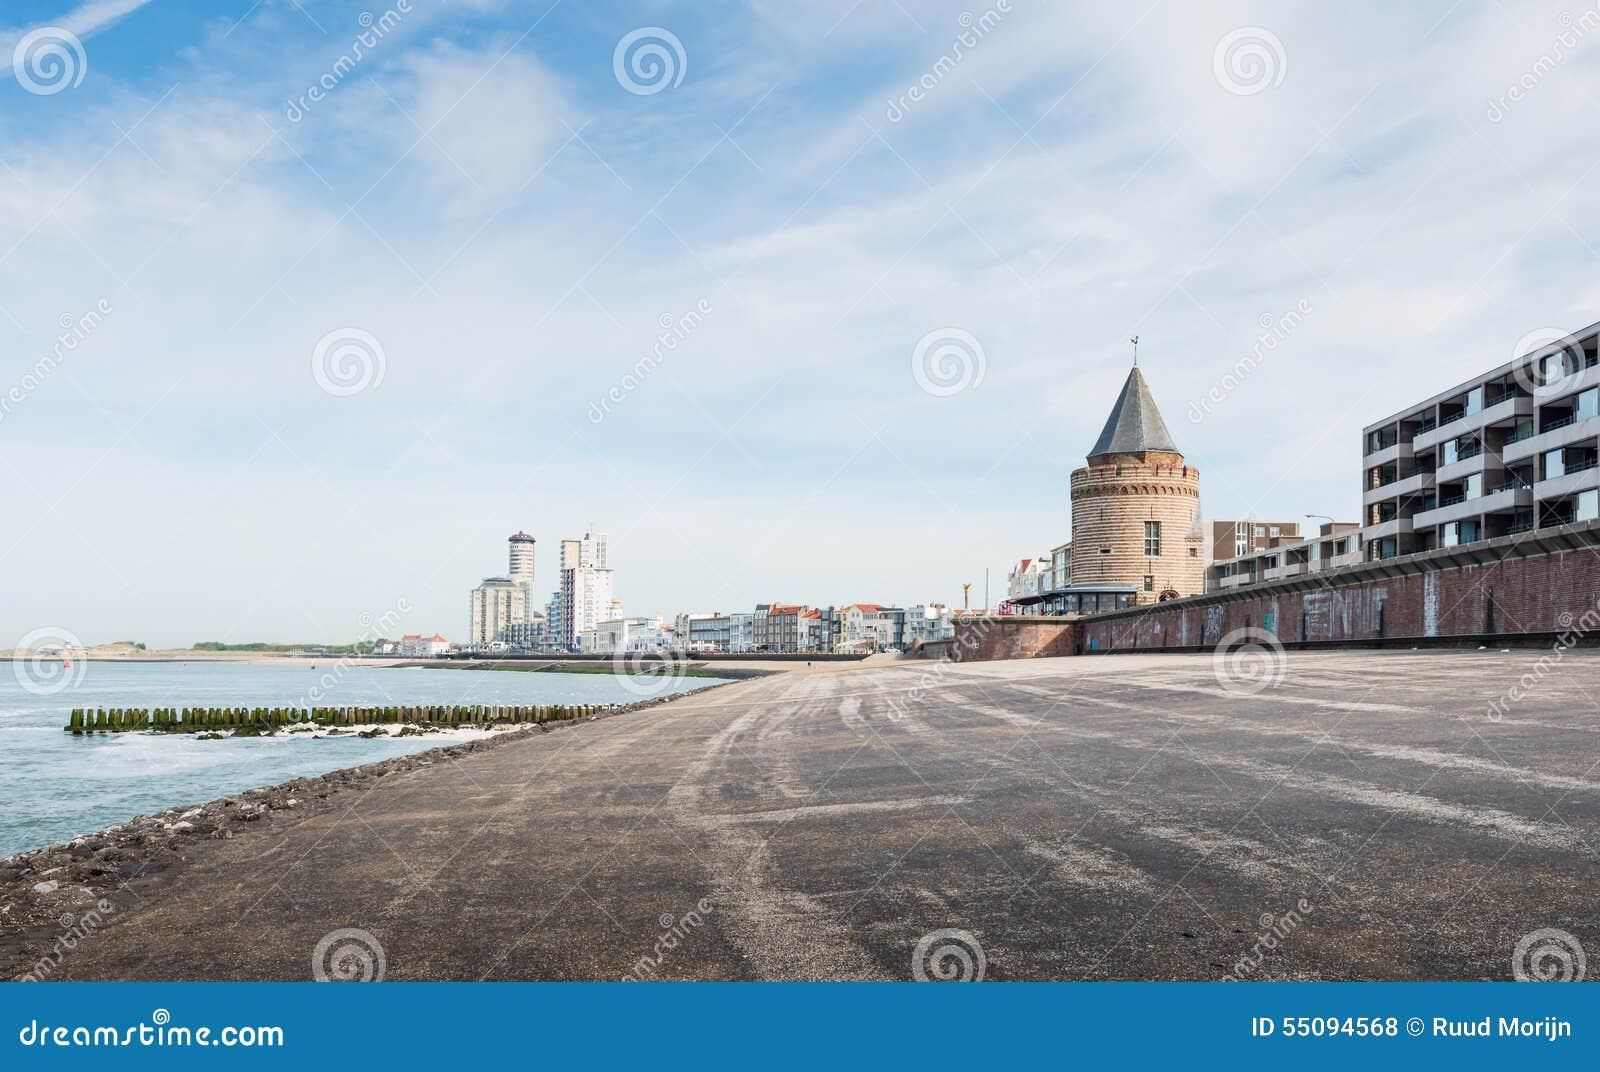 Citt olandese di flessinga veduta dalla costa del te for Architettura olandese